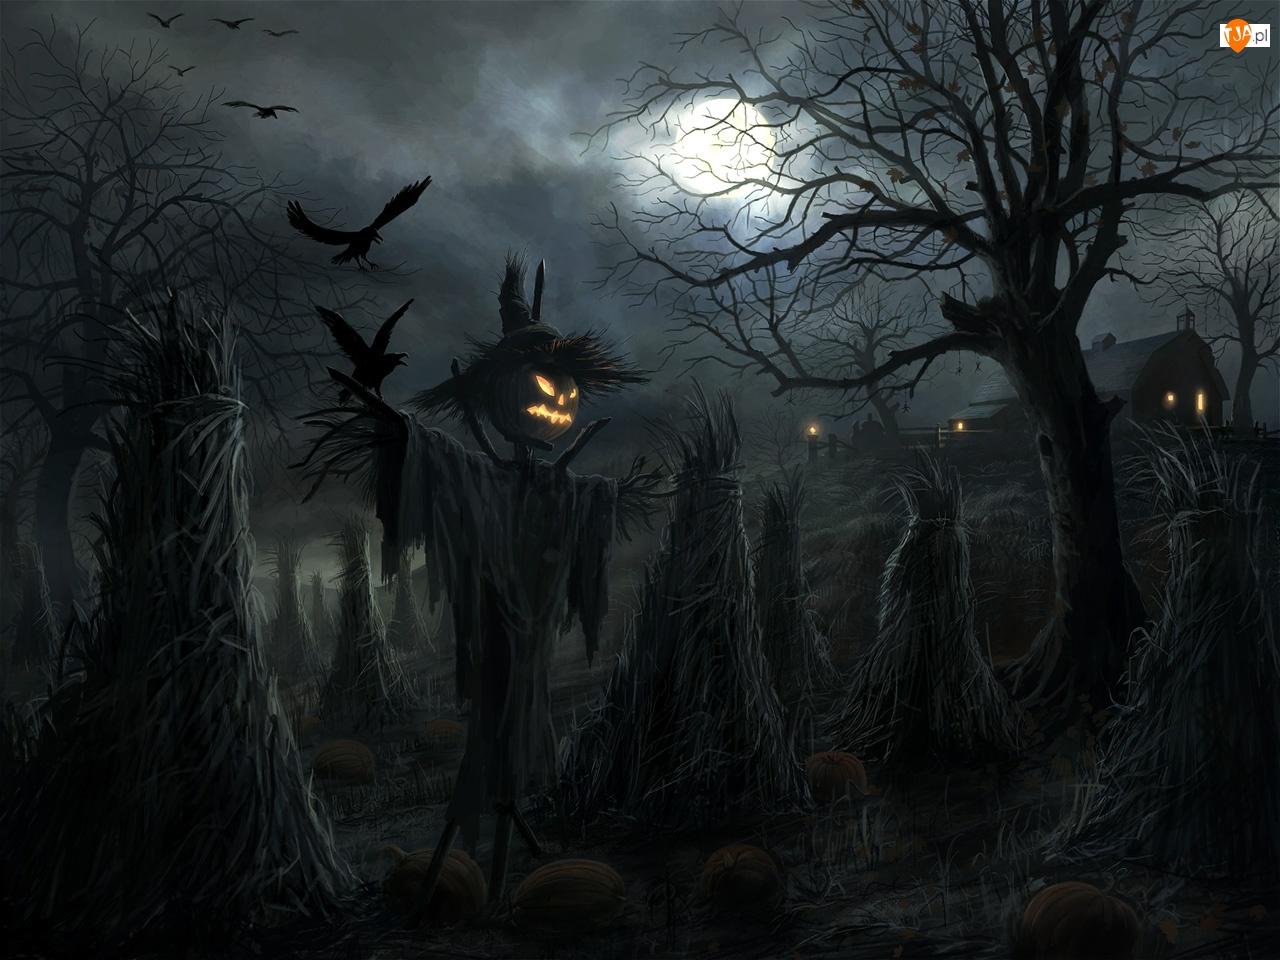 Halloween, Chochoły, Strach